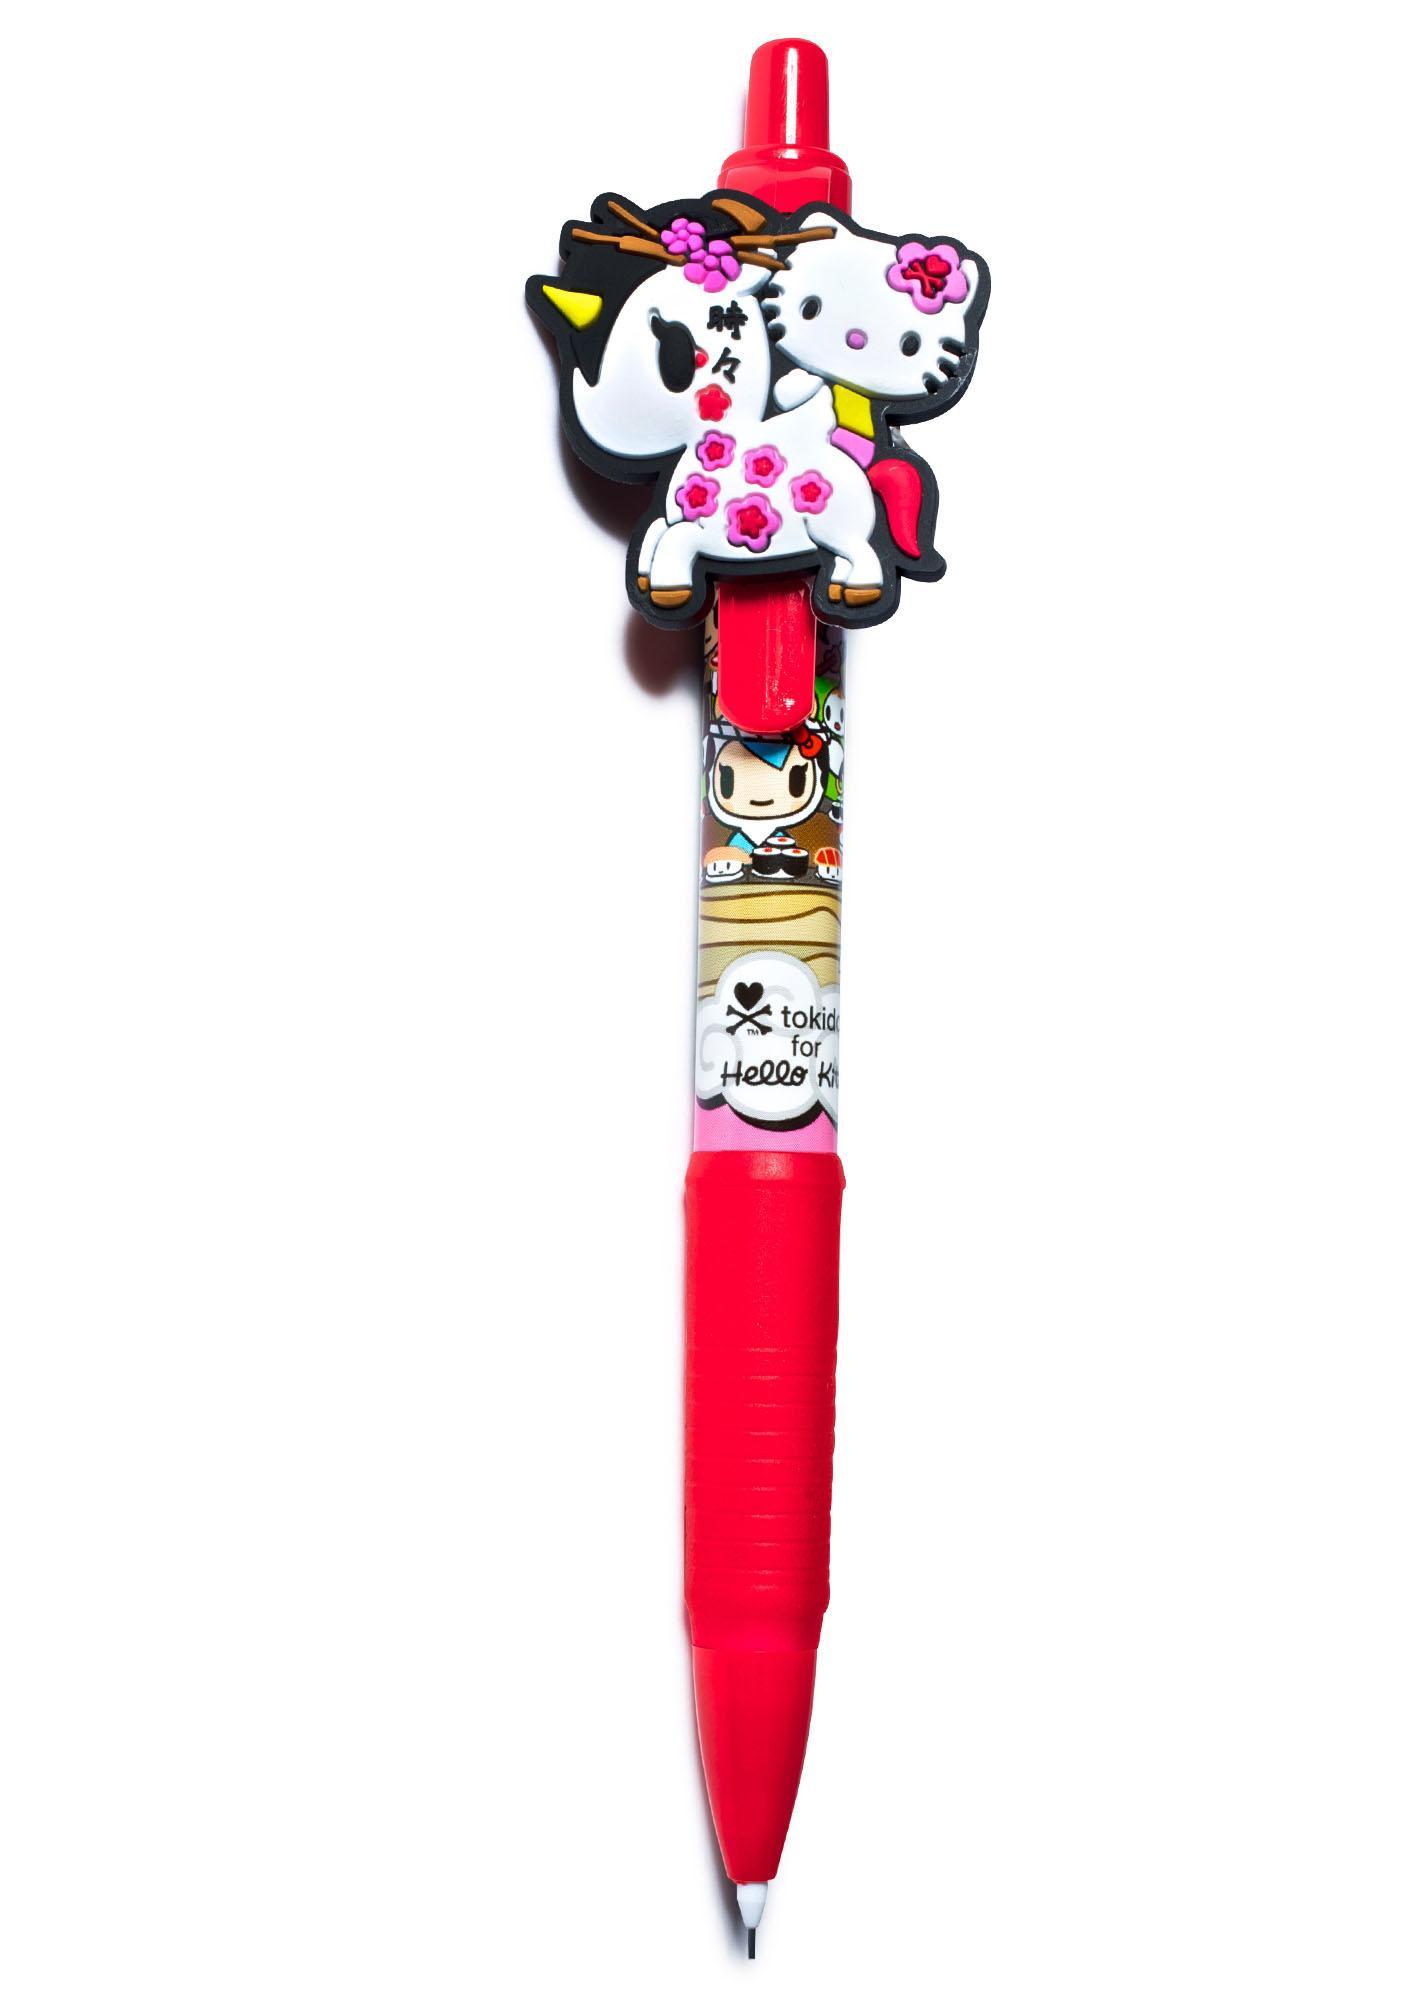 Tokidoki x Hello Kitty Unicorno Mechanical Pencil